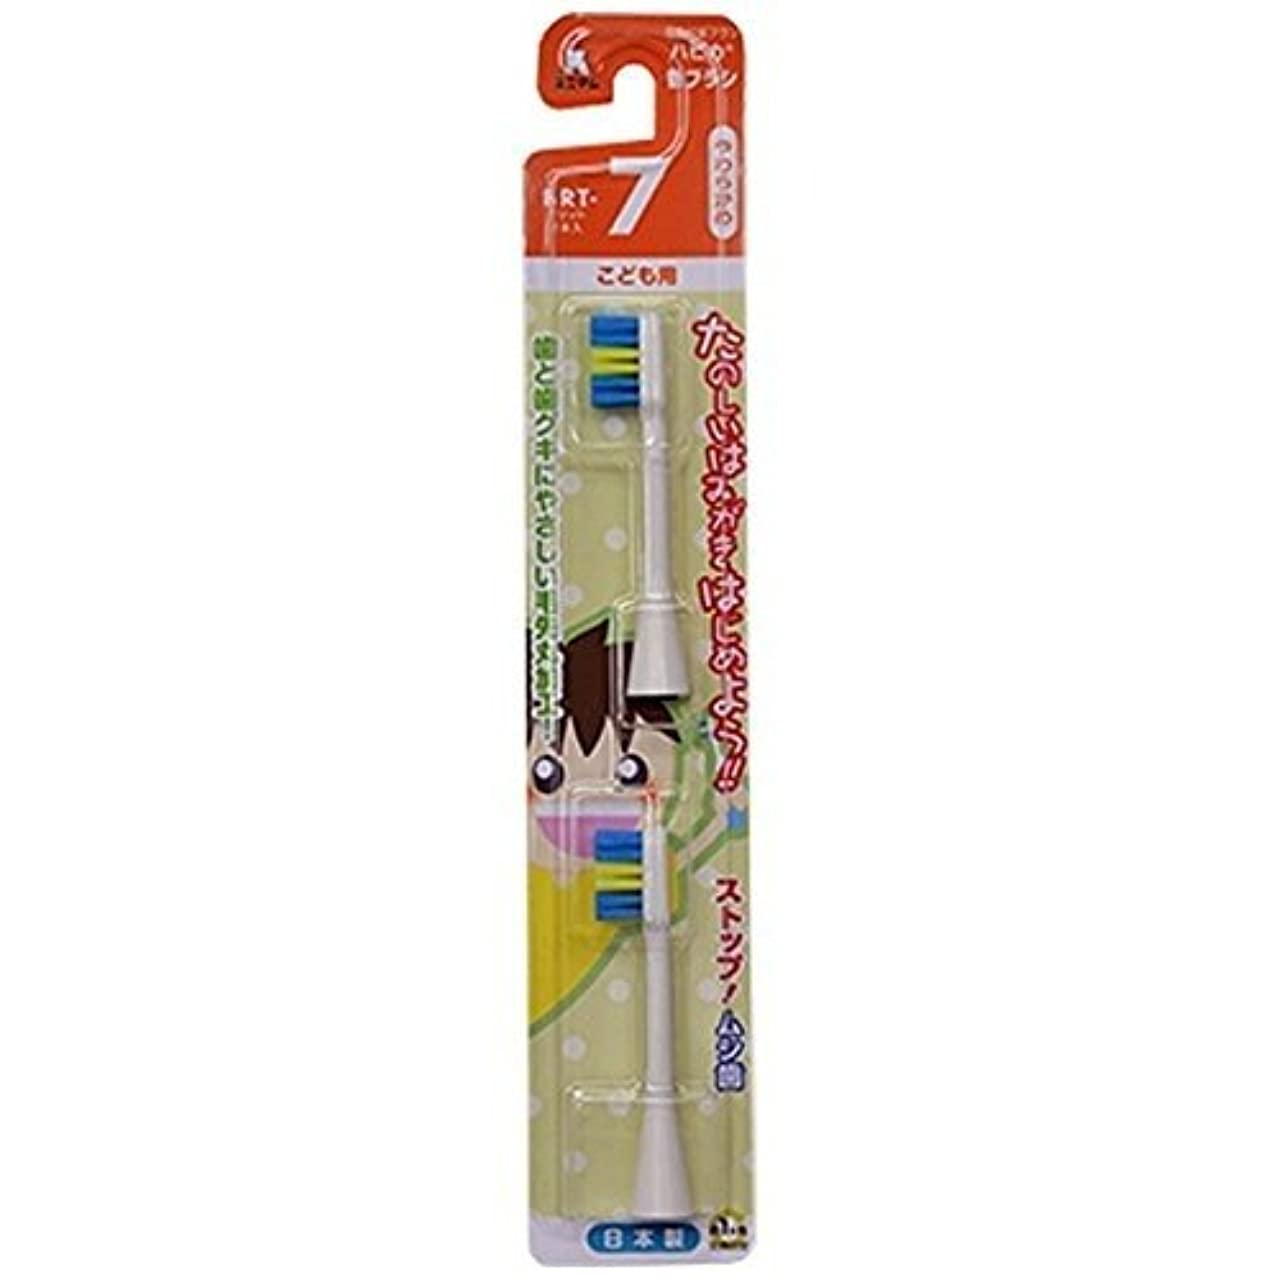 ハンドブック選択するスパンミニマム 電動付歯ブラシ ハピカ 専用替ブラシ こども用 毛の硬さ:やわらかめ BRT-7 2個入